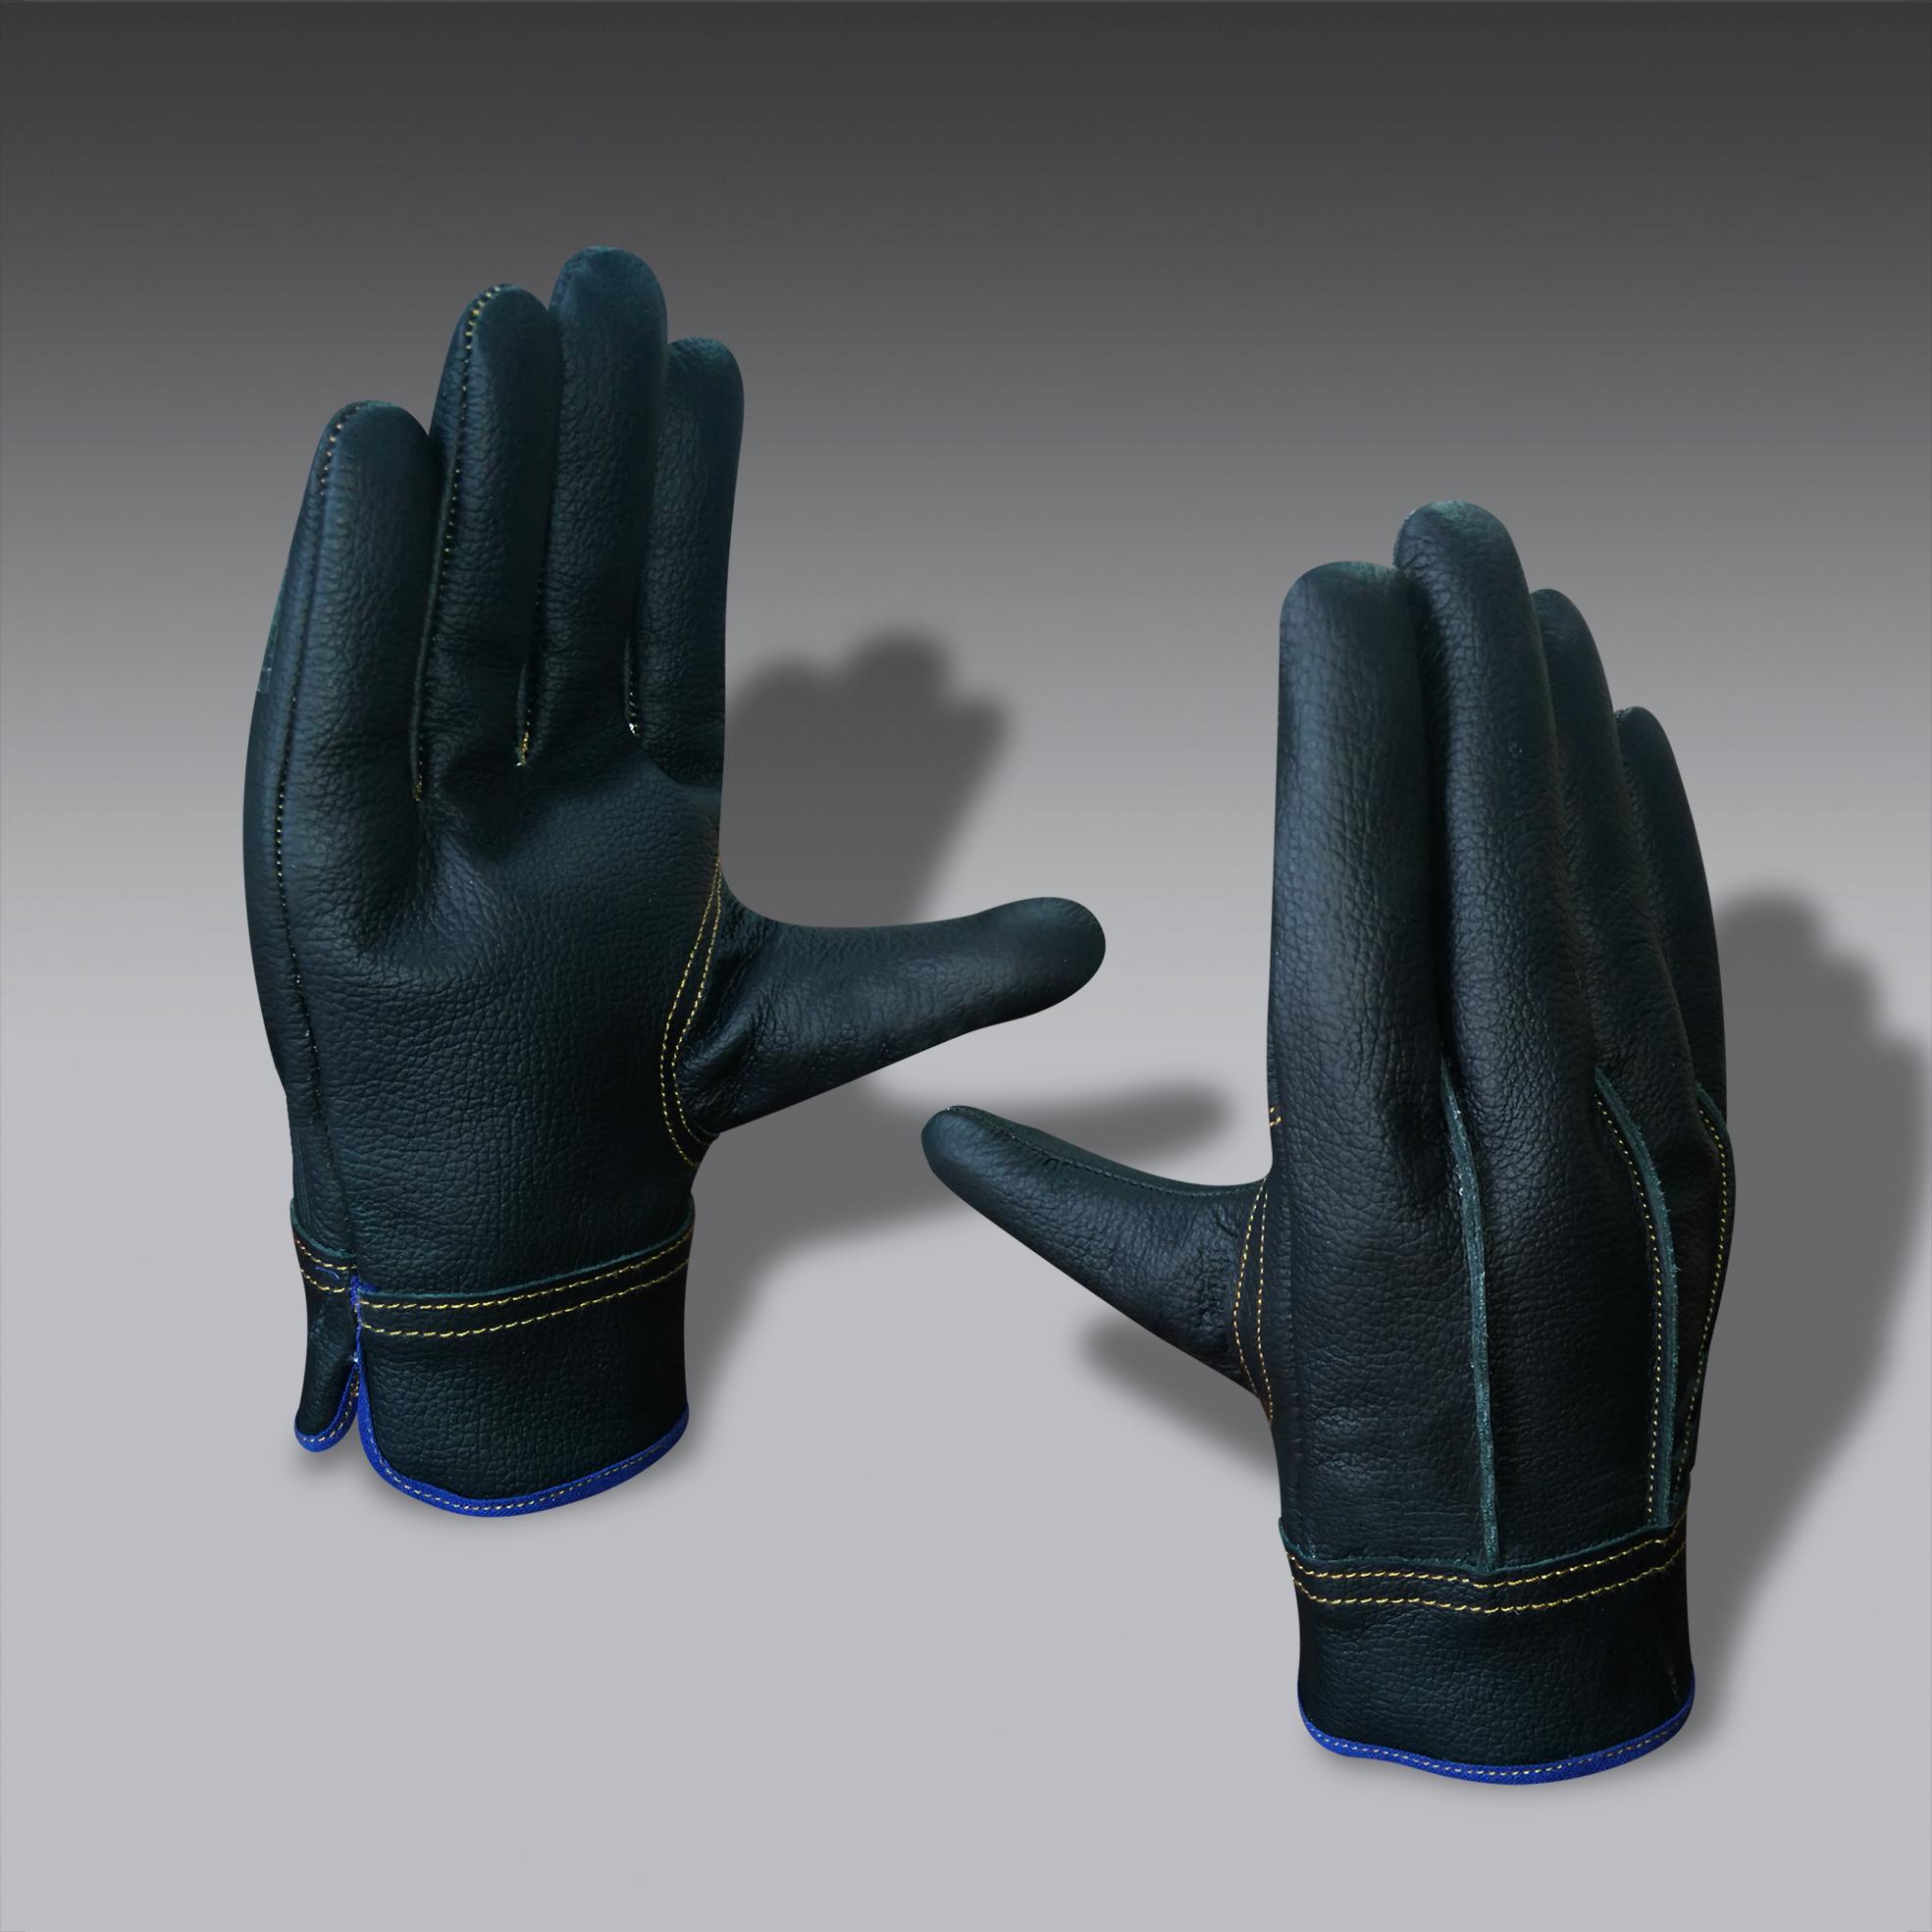 guantes para la seguridad industrial modelo ElecEco 01 guantes de seguridad industrial modelo ElecEco 01